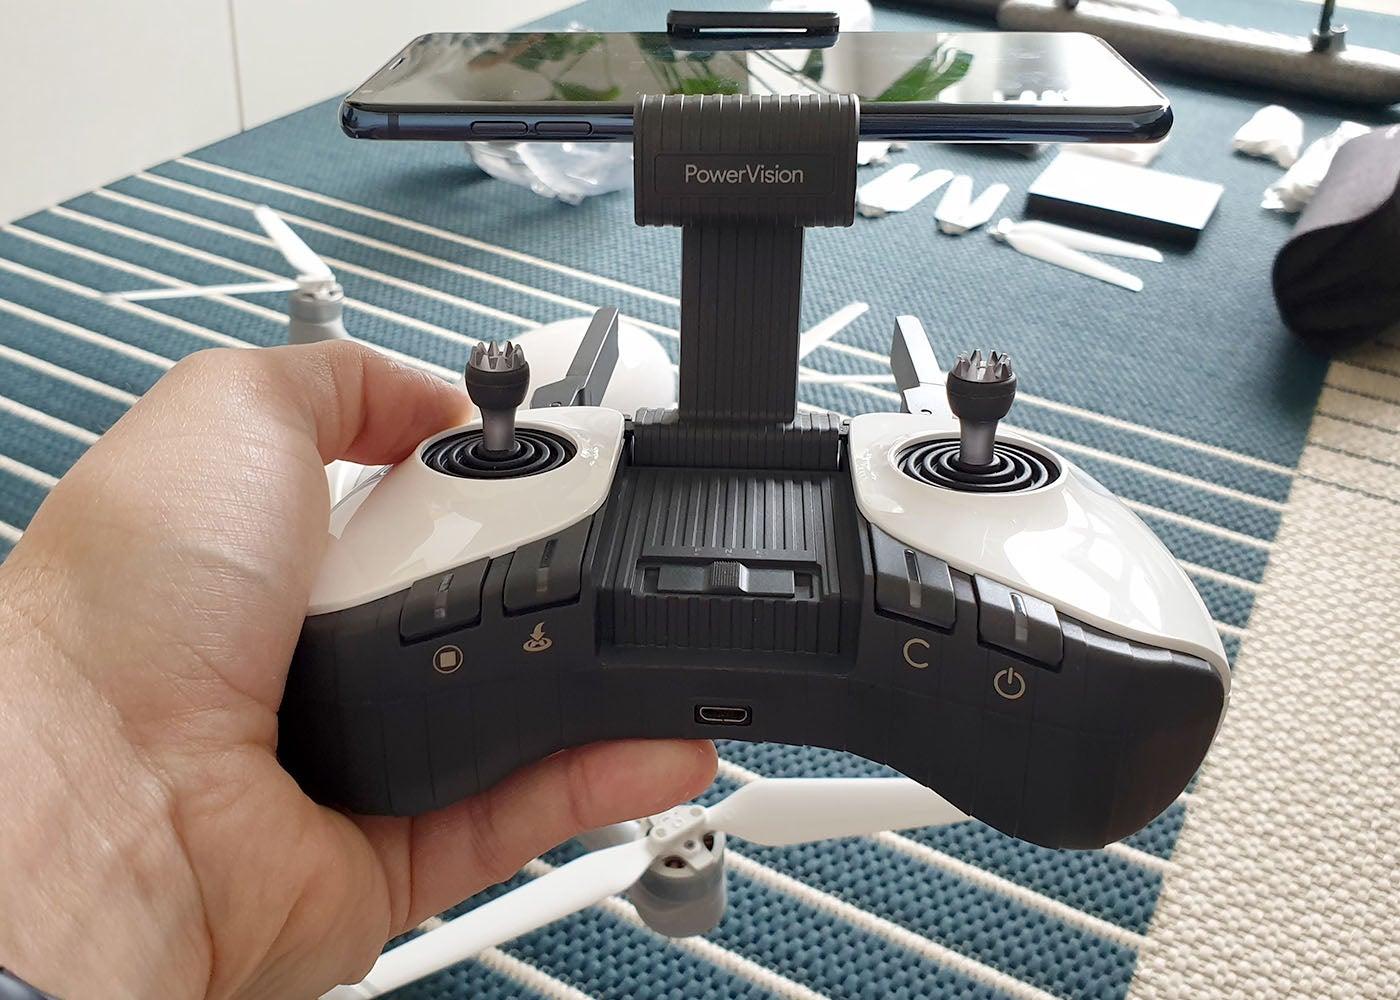 PowerVision PowerEgg X, wir haben die leistungsstarke Drohne getestet, nach der das Ei aussieht